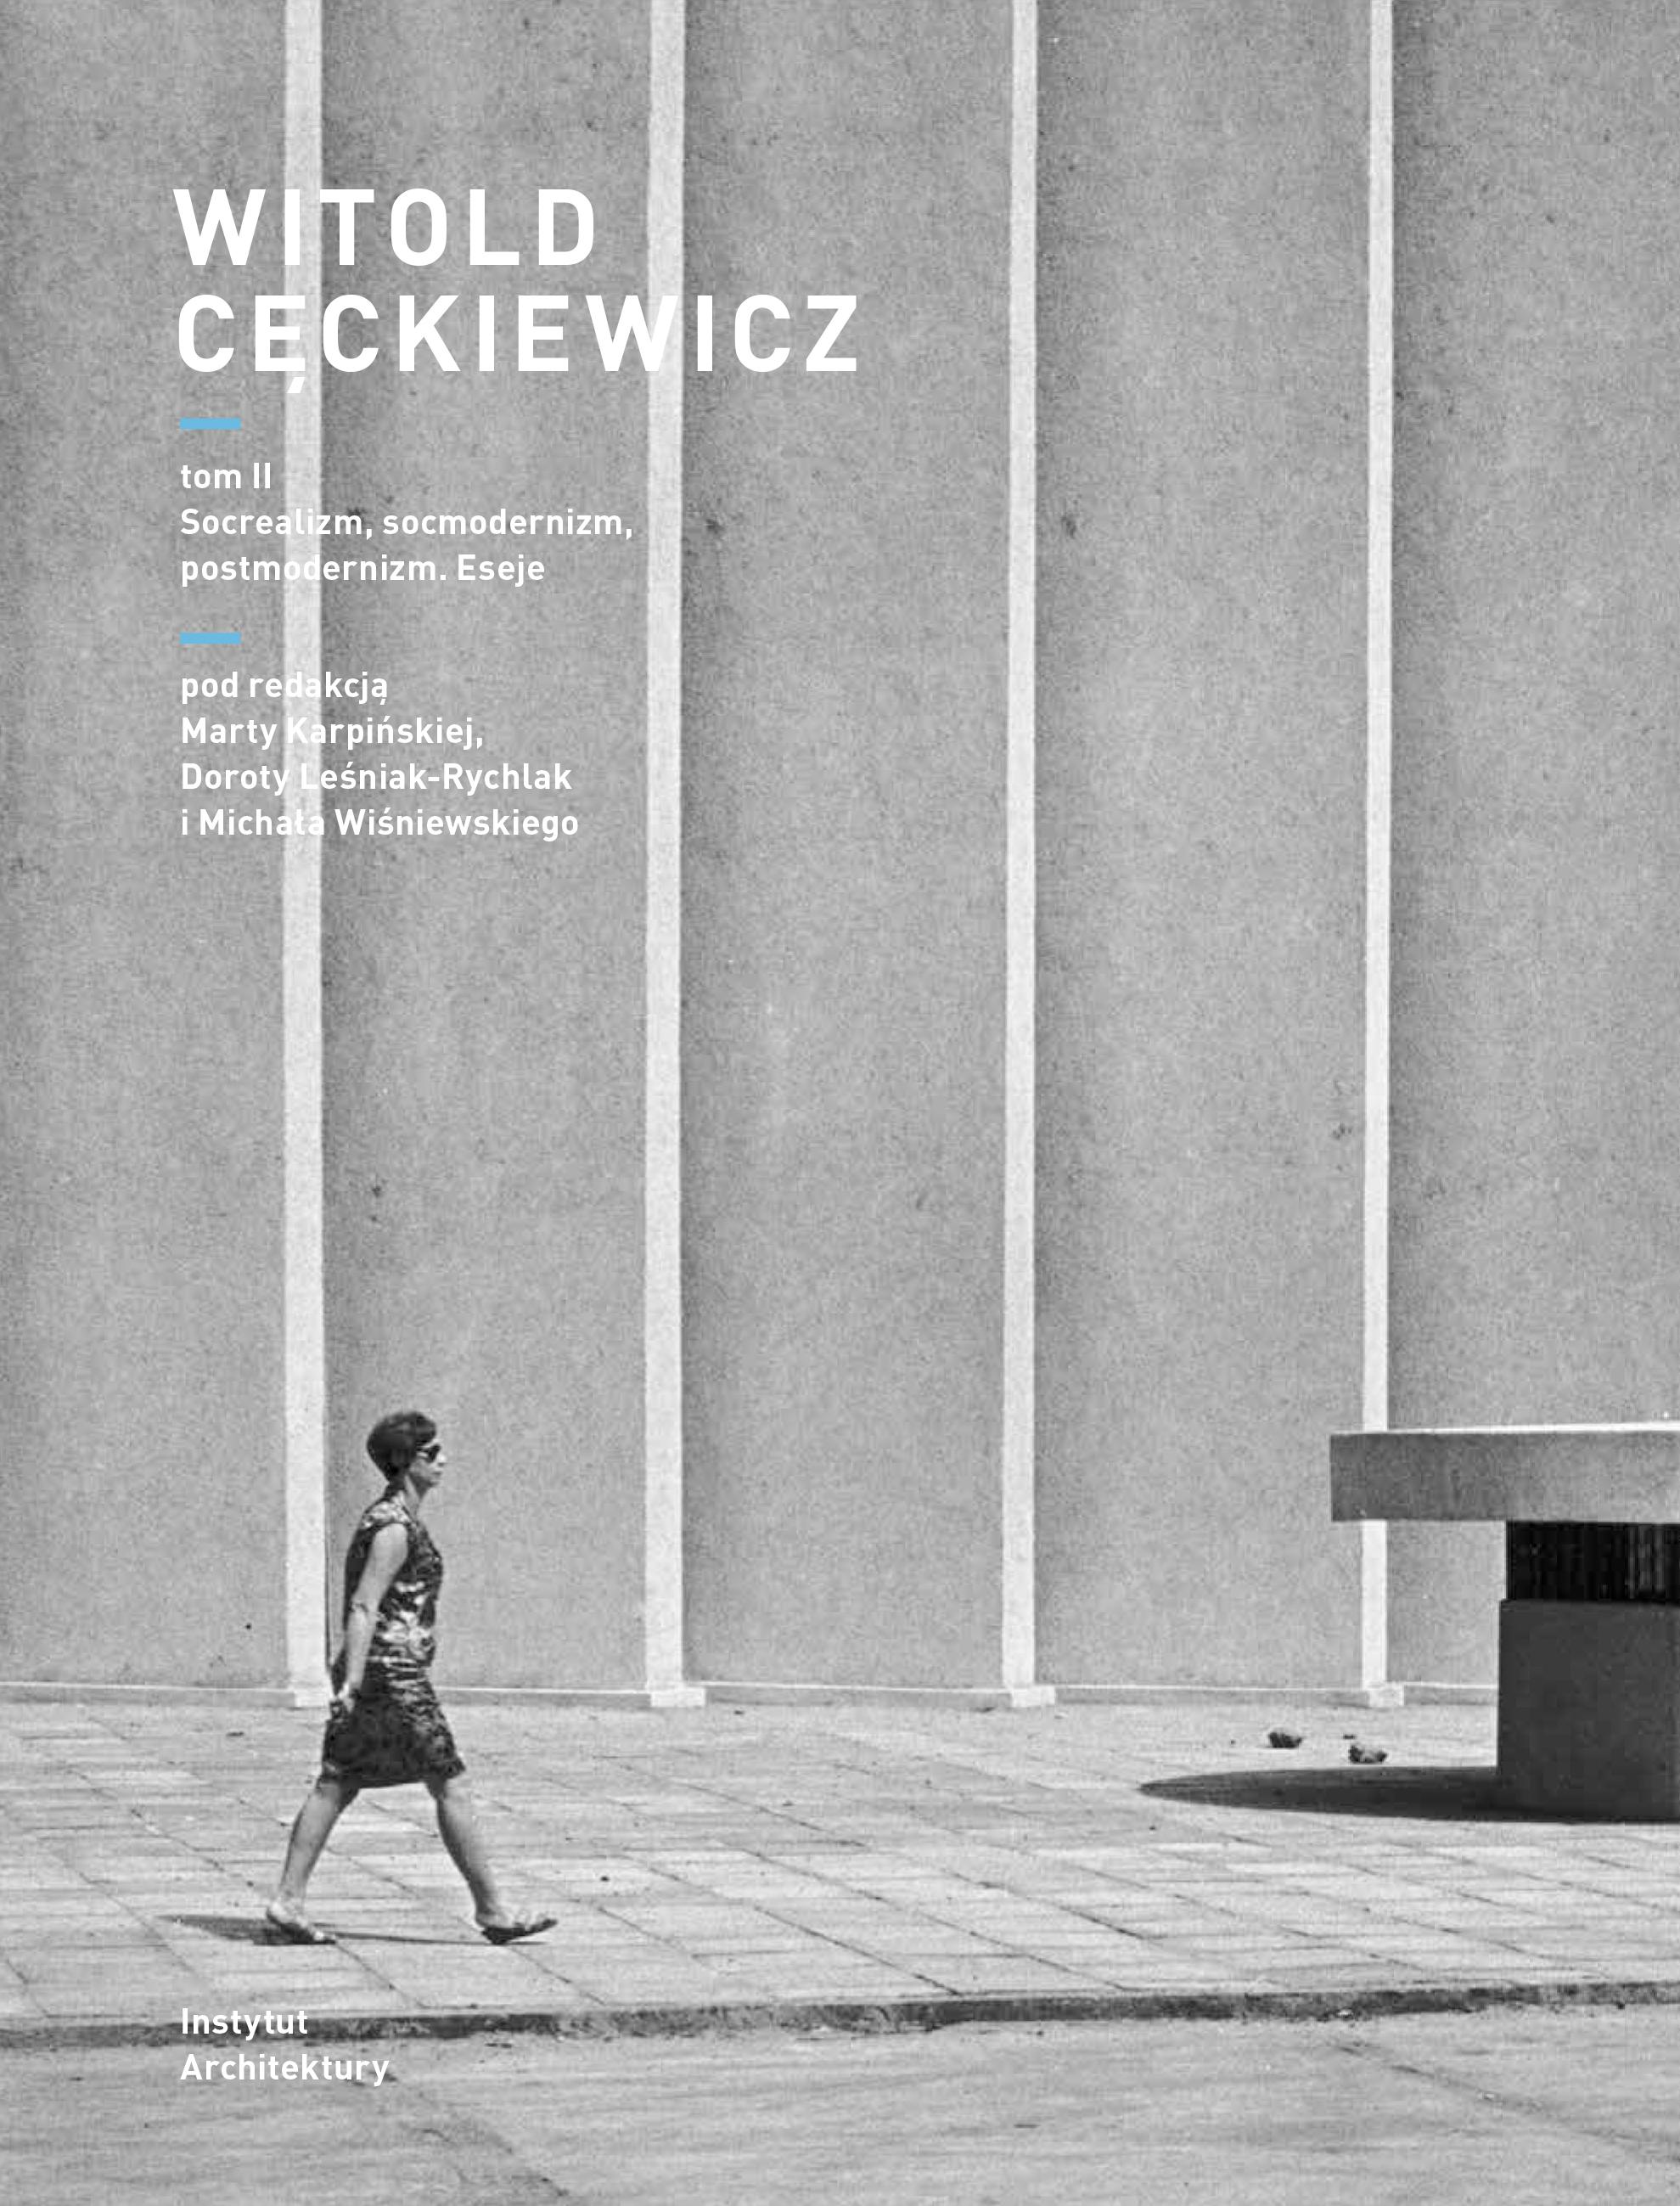 Cec_okladka_eseje-2